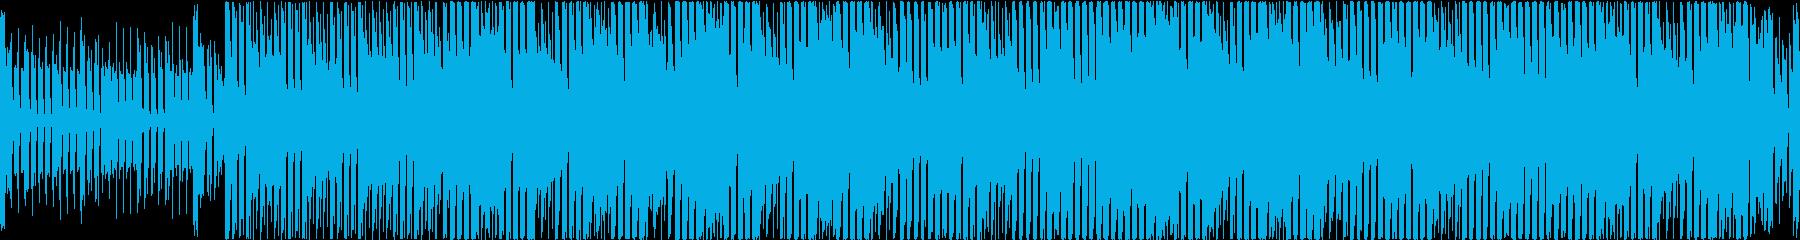 エレクトロでポップなBGMの再生済みの波形